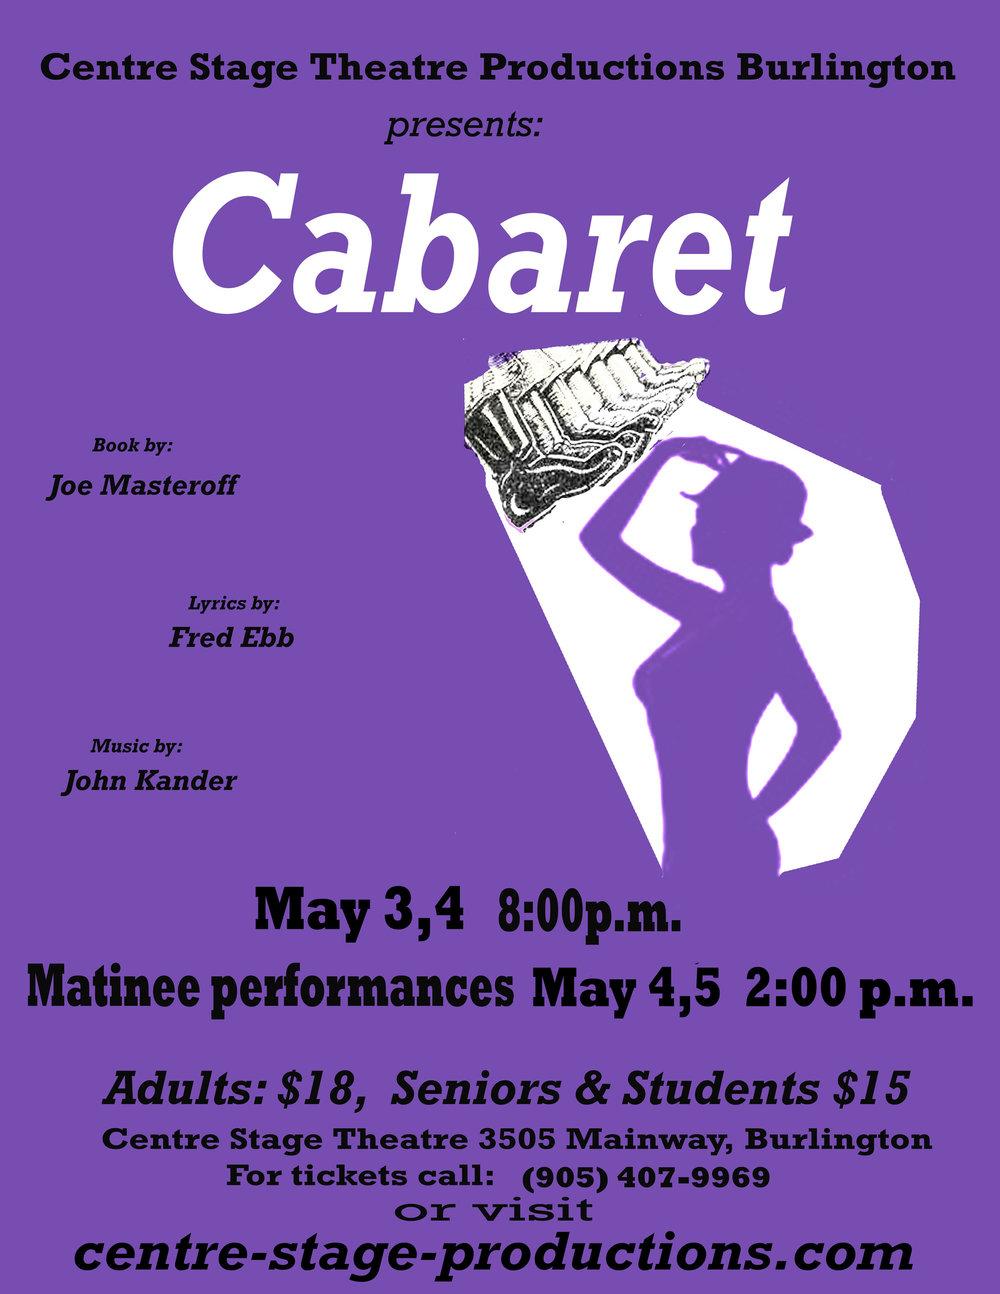 Cabaret-poster-copy1.jpg